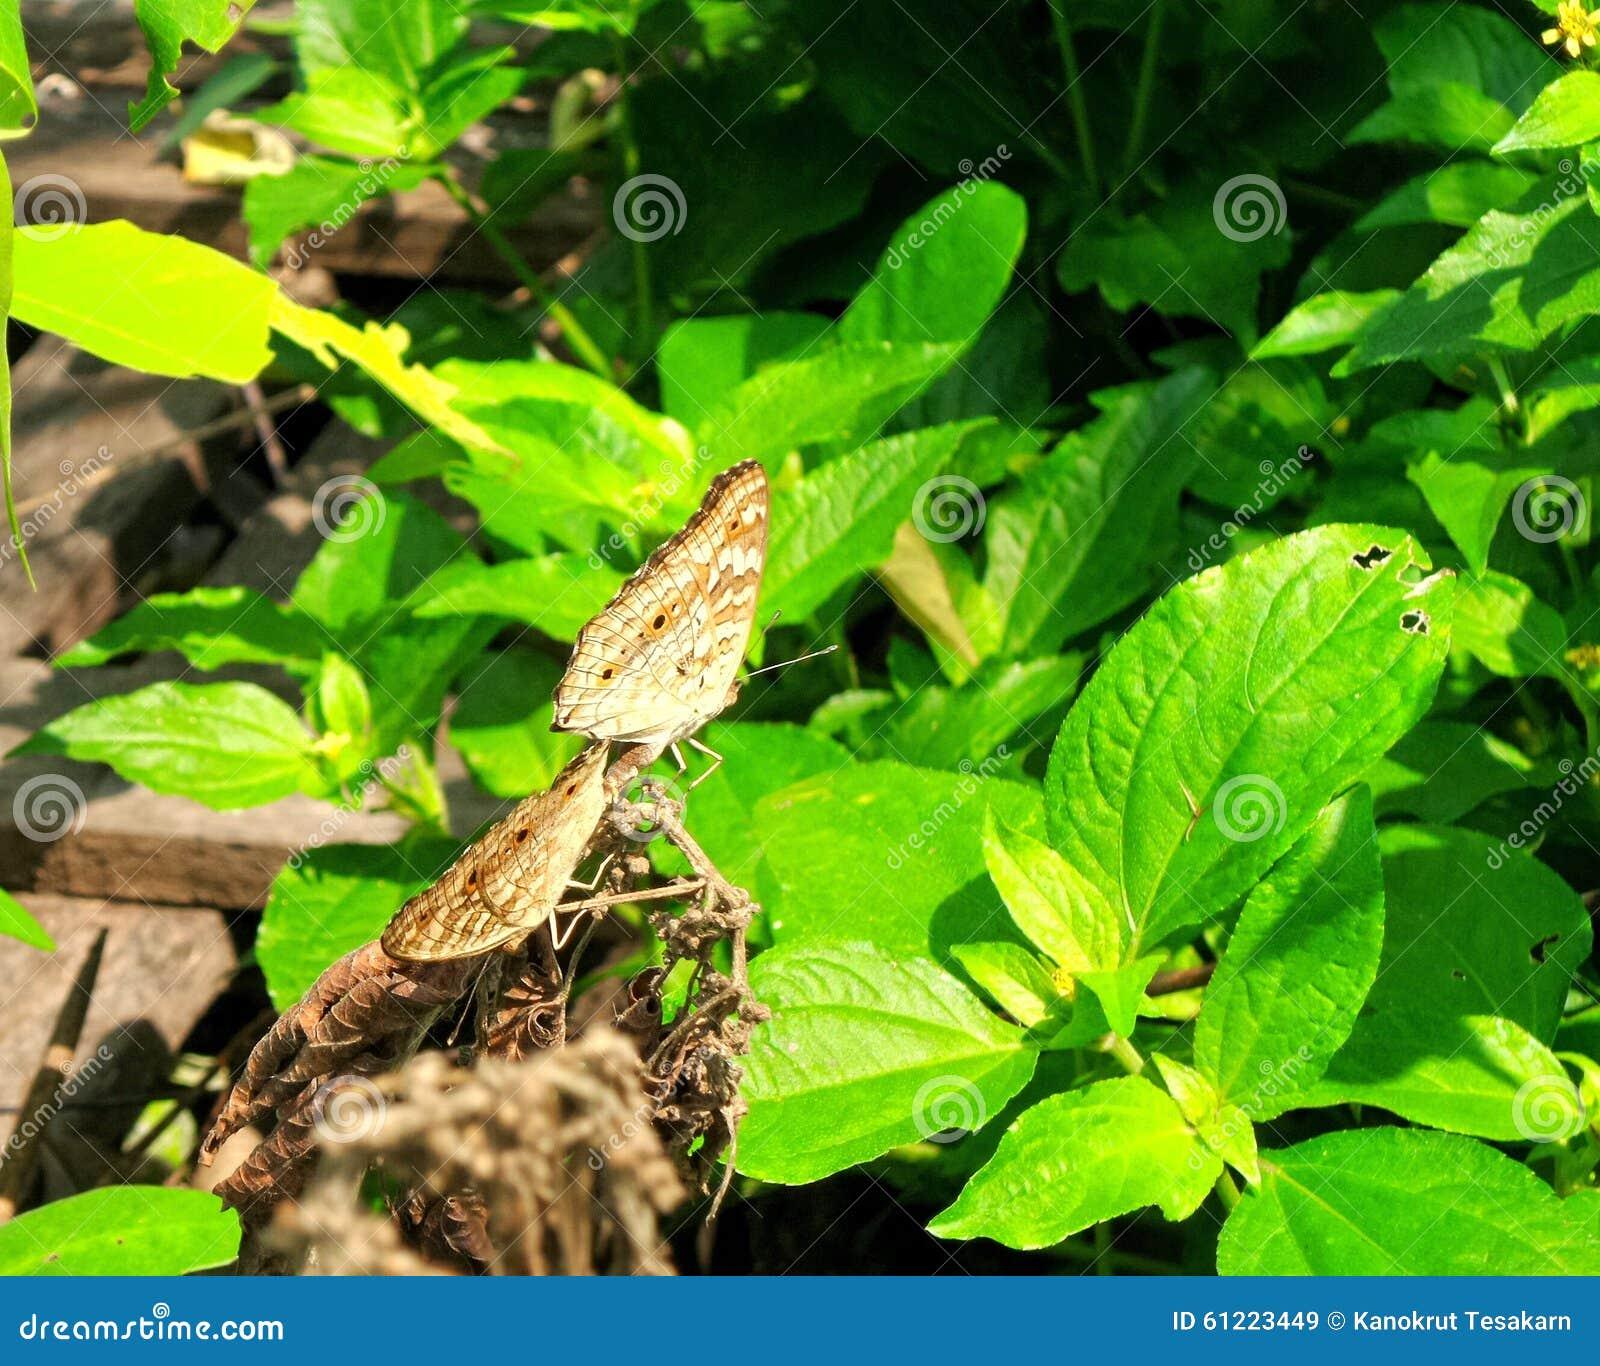 Vlinder twee op droge bladeren onder zonlicht in groene tuin stock afbeelding afbeelding 61223449 - Foto droge tuin ...